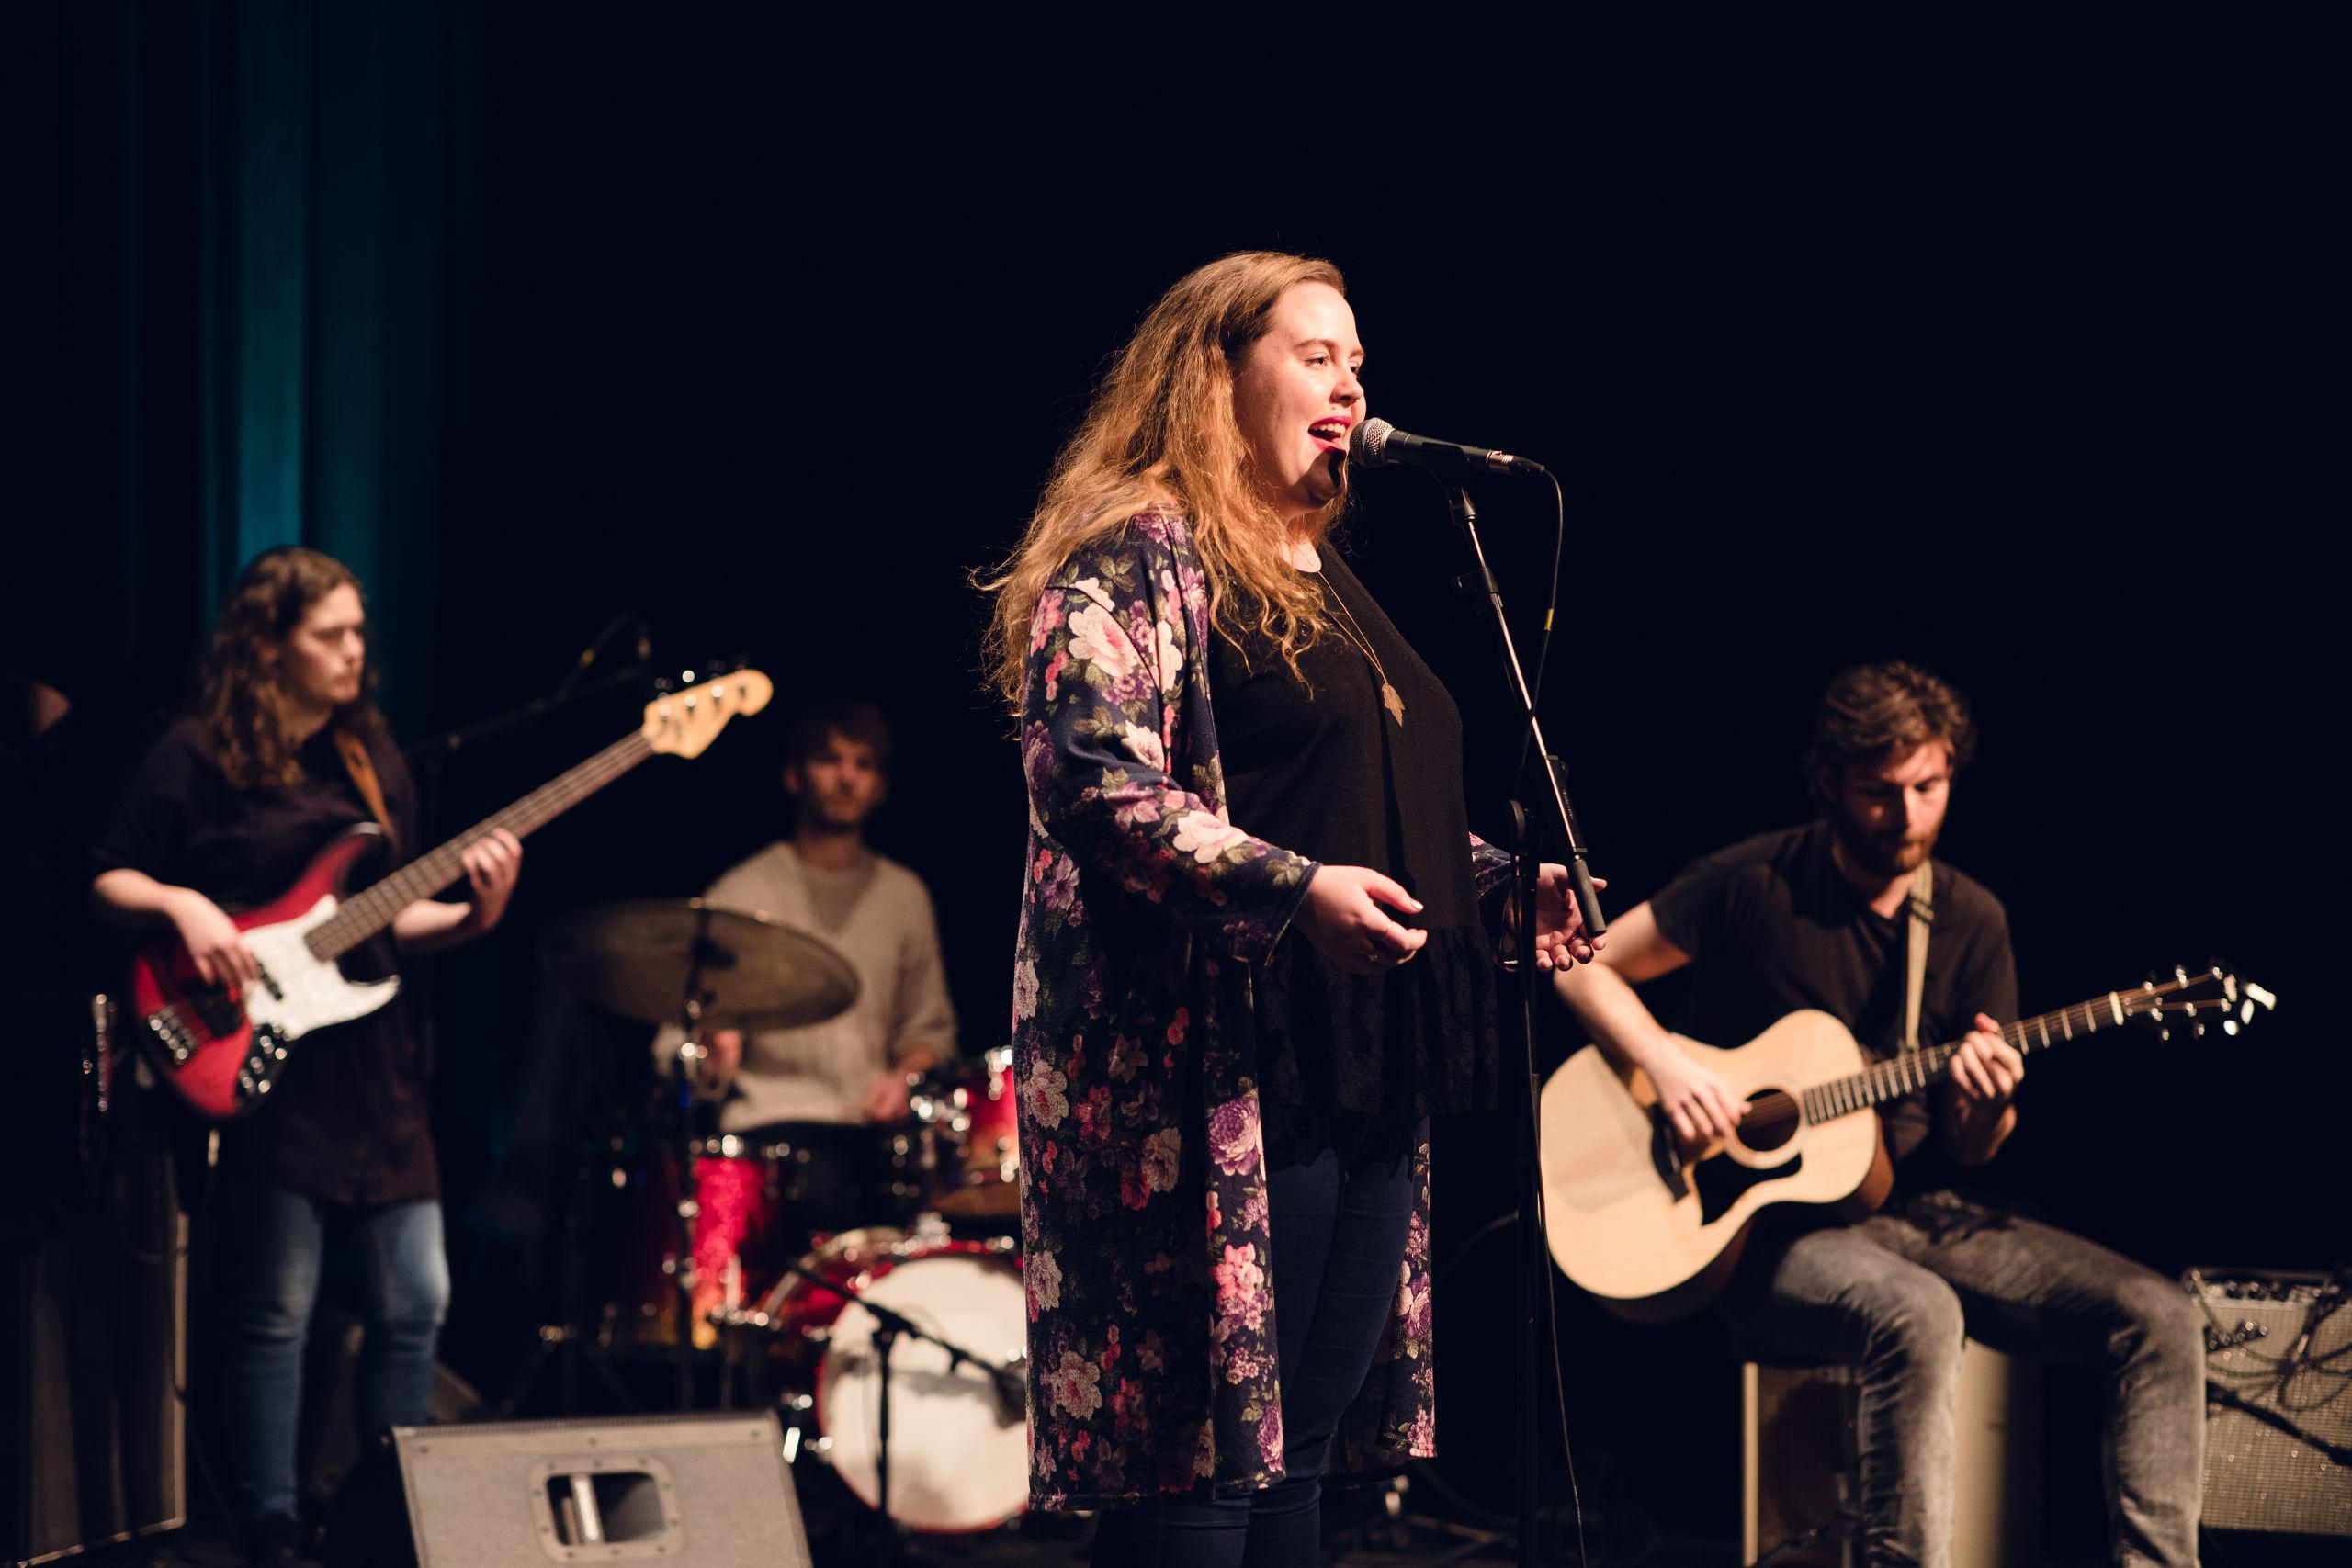 Koncerterne byder på et bredt spektrum af rytmisk musik - fra jazz til pop og rock. PR-foto: Martin Graugaard